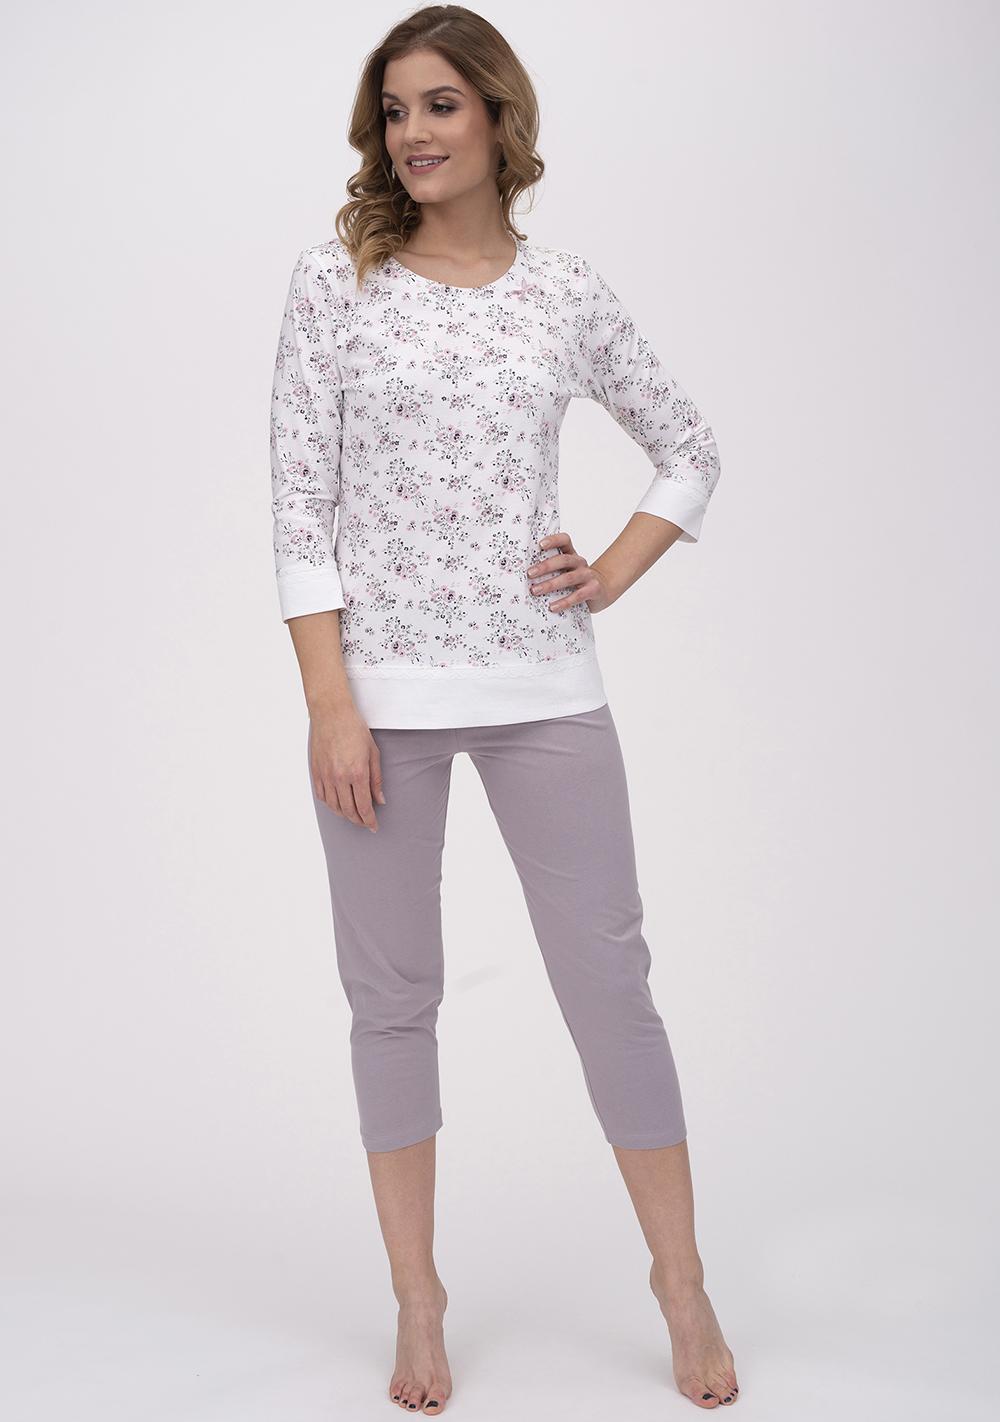 3684a9c6edf4a4 ... Elegancka piżama damska · Elegancka piżama damska